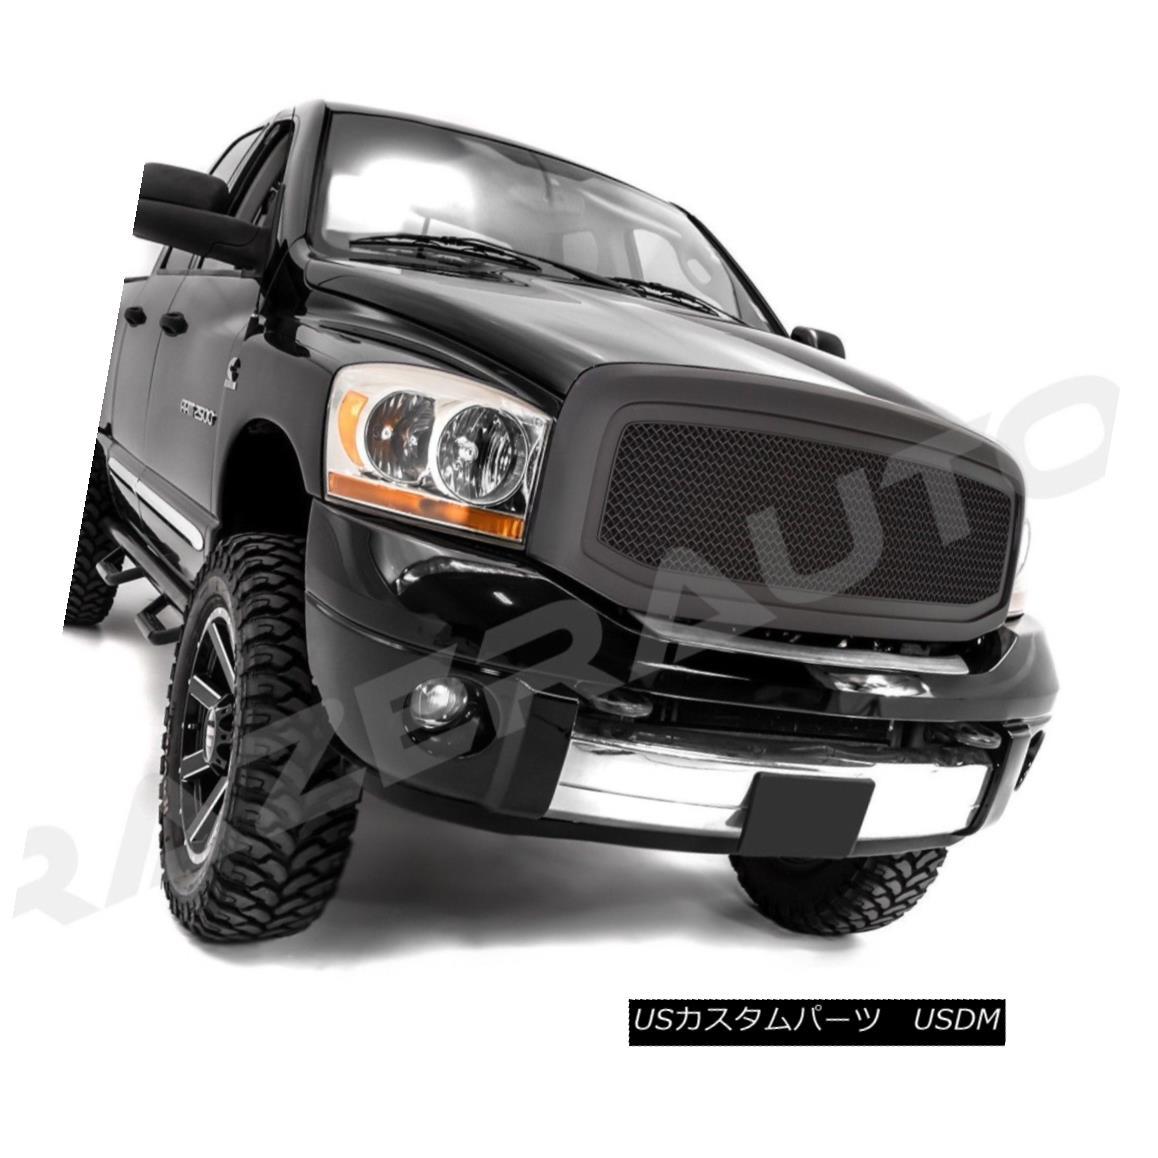 グリル 06-08 Dodge Ram 1500+06-09 RAM 2500+3500 Matte Black Packaged Mesh Grille+Shell 06-08ダッジラム1500 + 06-09 RAM 2500 + 3500マットブラックパッケージメッシュグリル+シェル